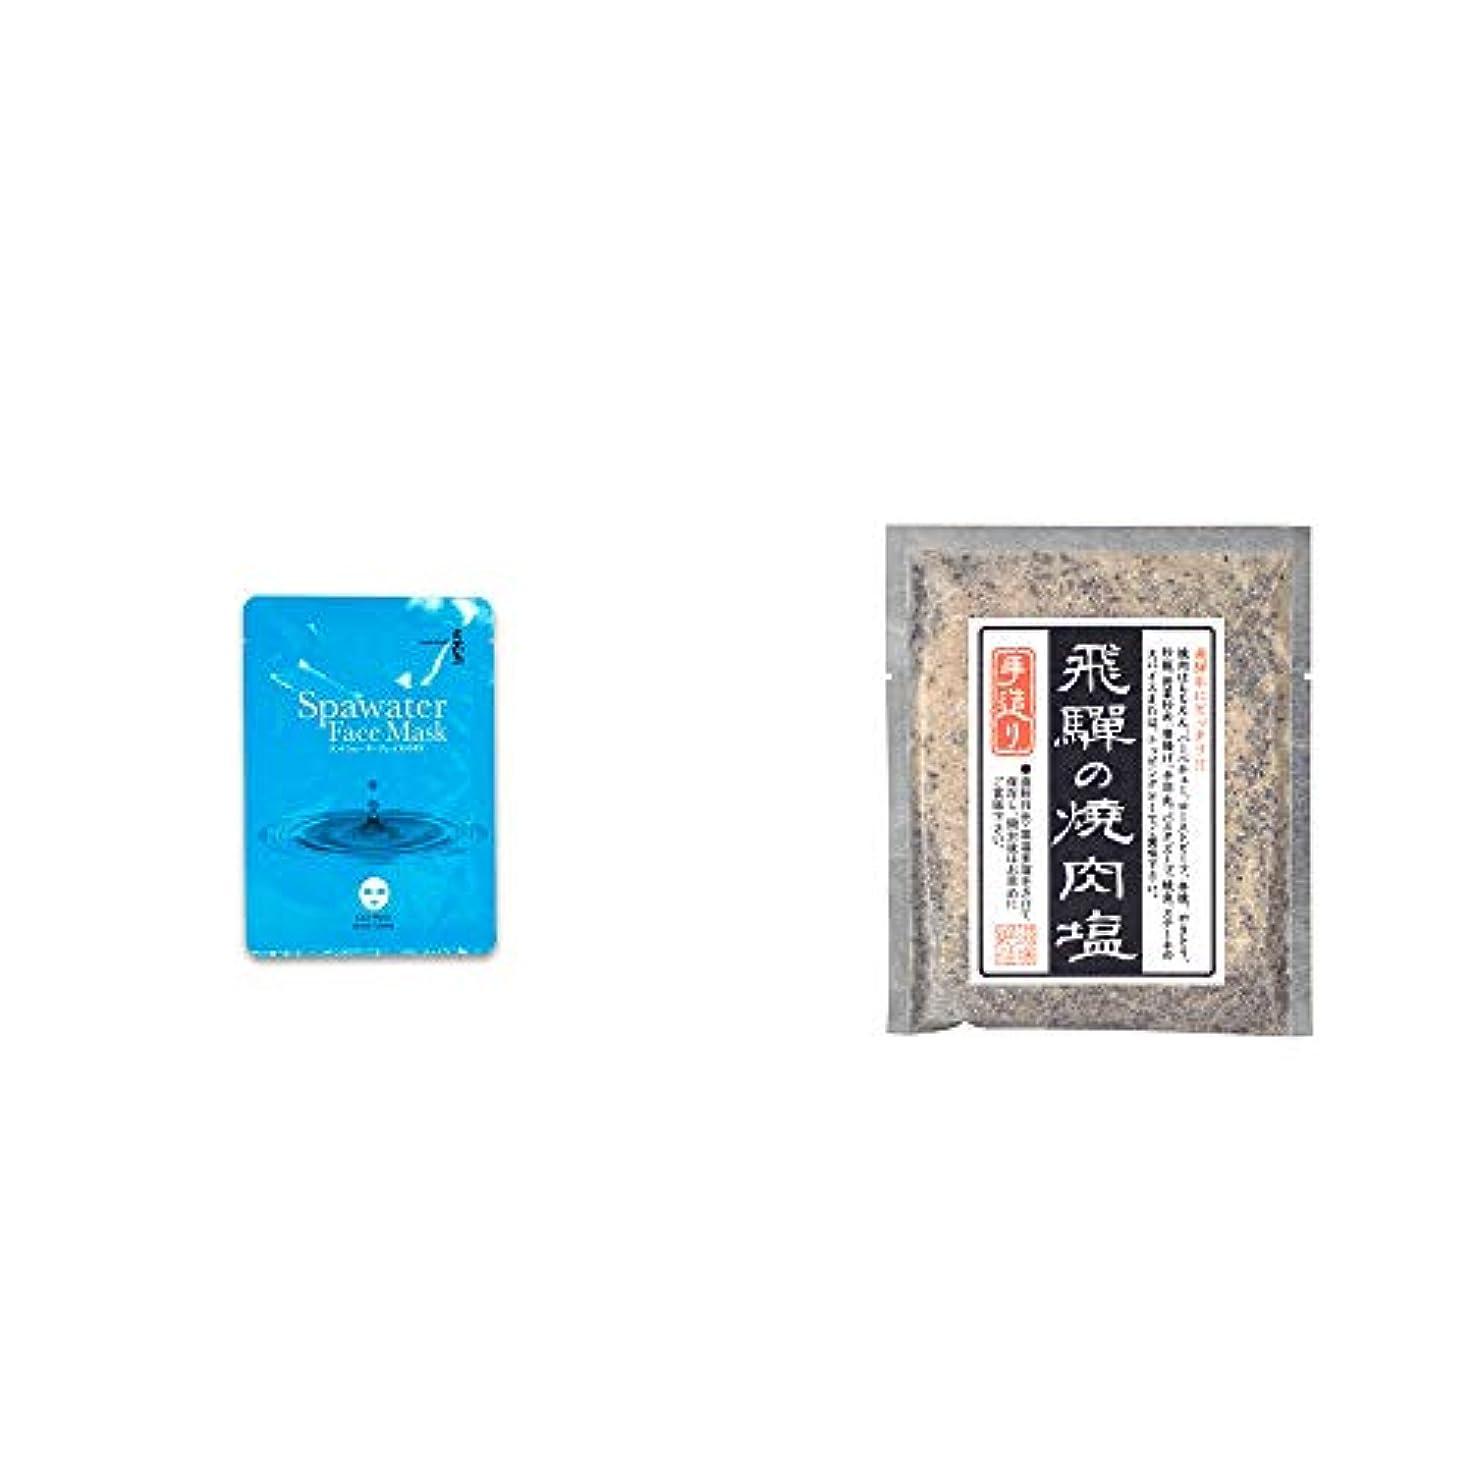 アライアンス分類する手がかり[2点セット] ひのき炭黒泉 スパウォーターフェイスマスク(18ml×3枚入)?手造り 飛騨の焼肉塩(80g)